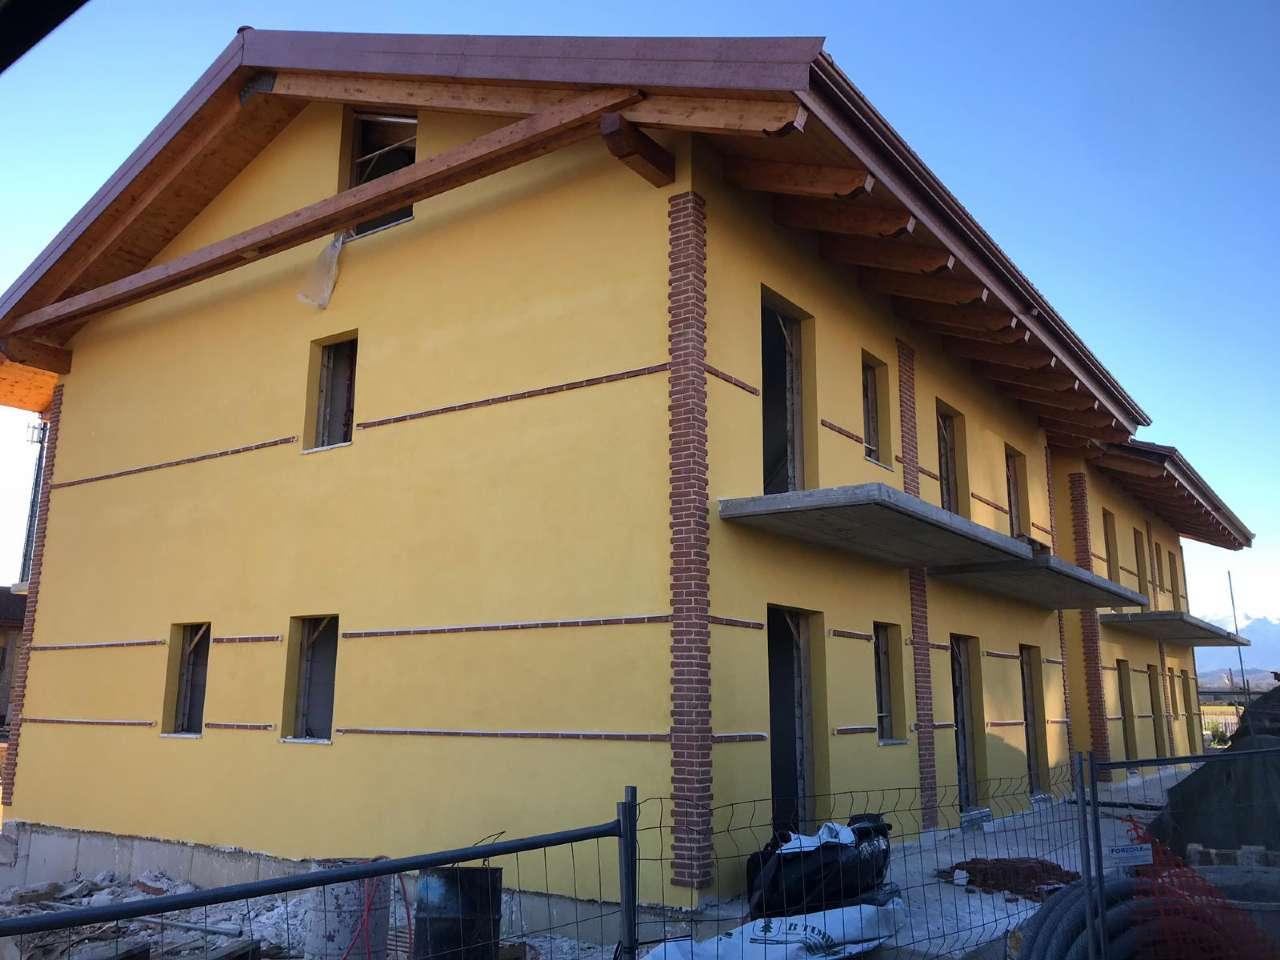 Immagine immobiliare In esclusivo complesso residenziale